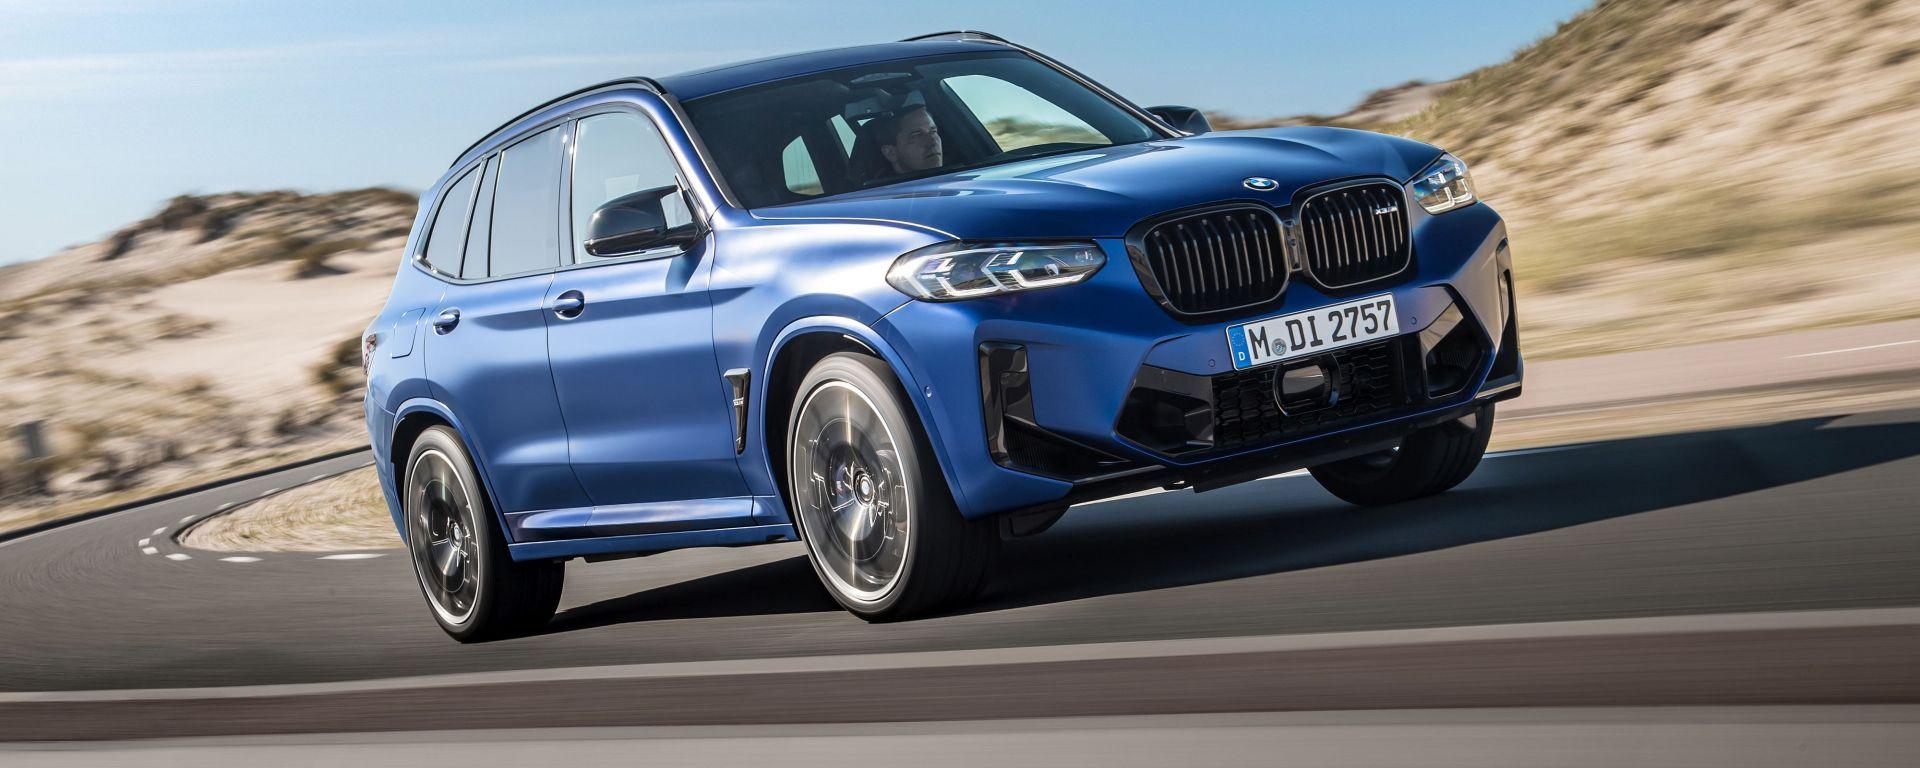 BMW X3 M Competition 2022: la versione sportiva del SUV tedesco